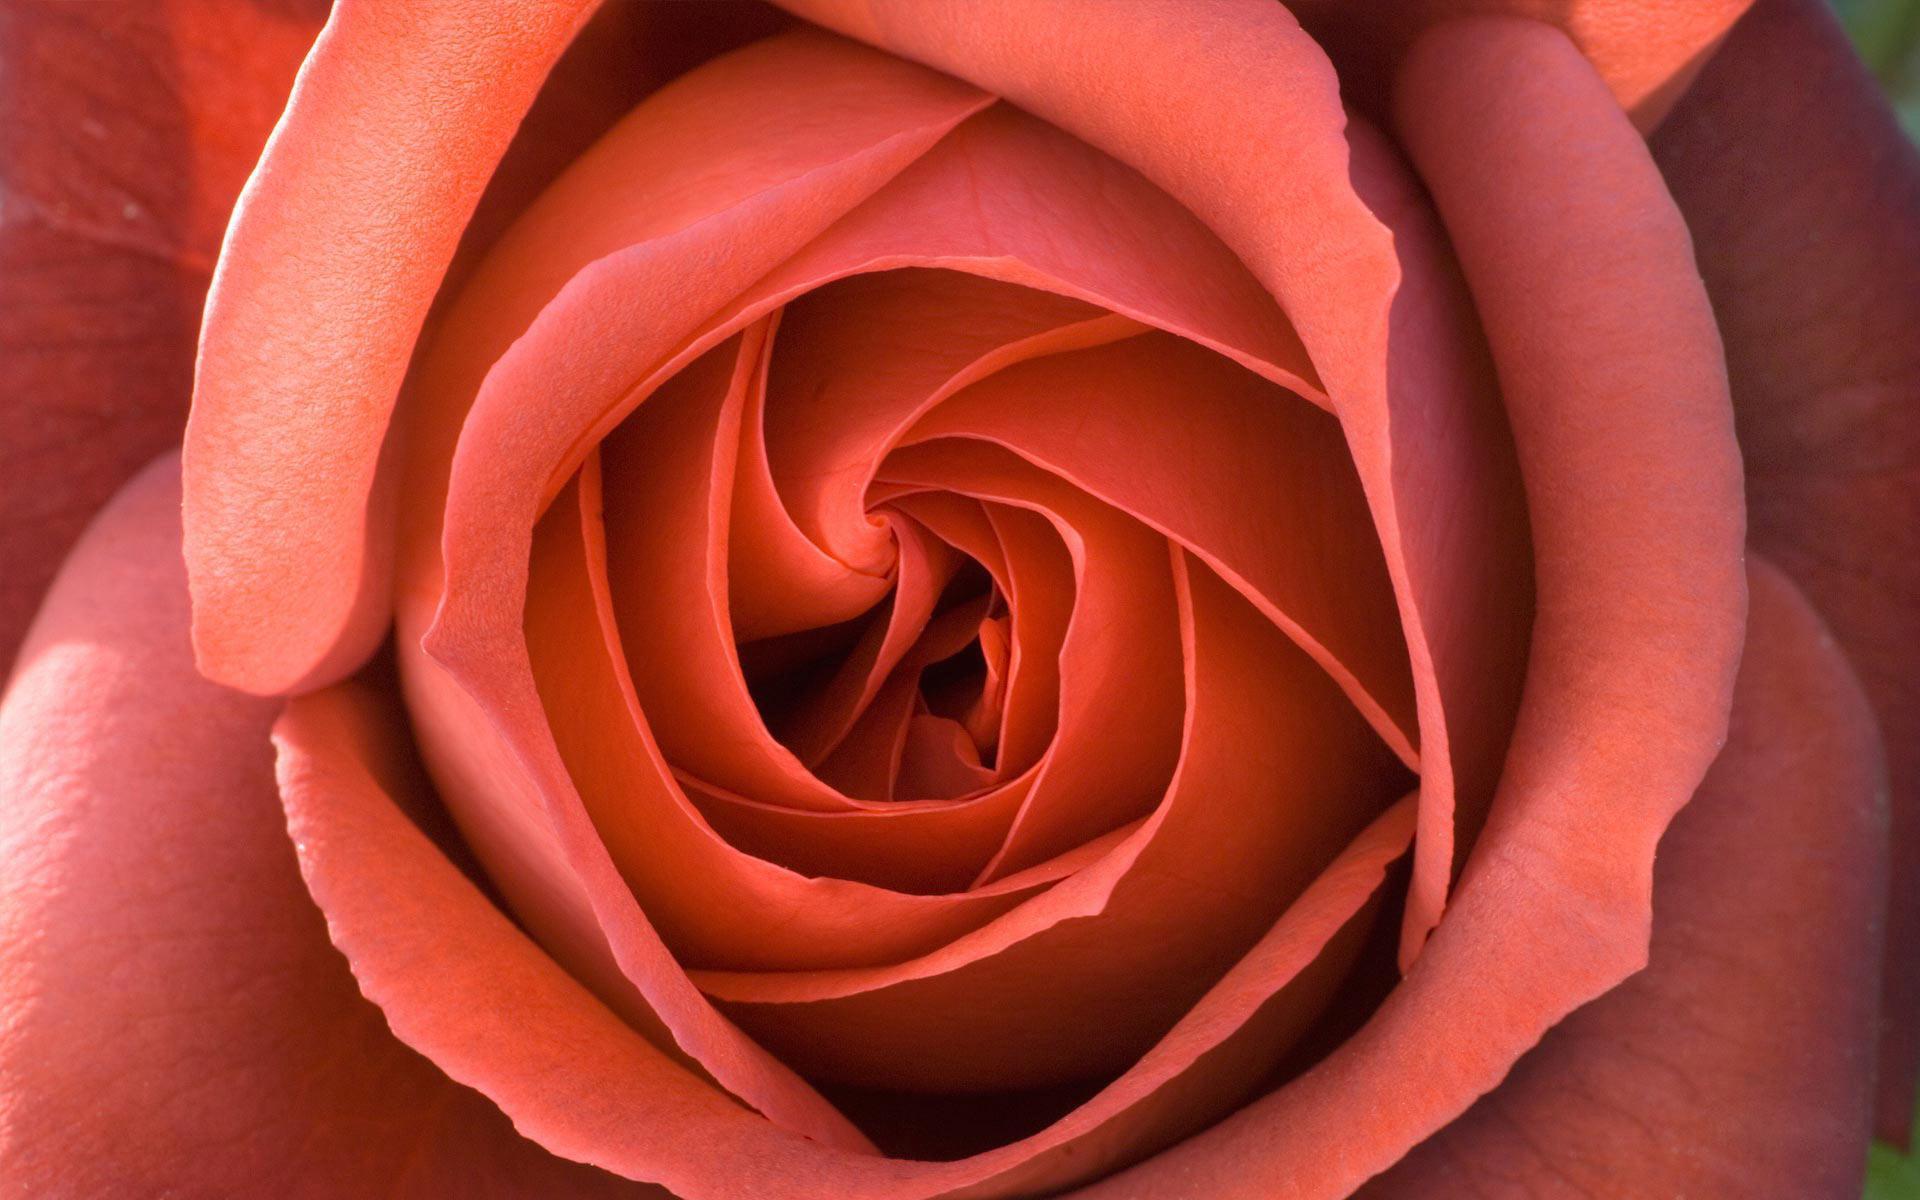 Название розы размер 1920x1200